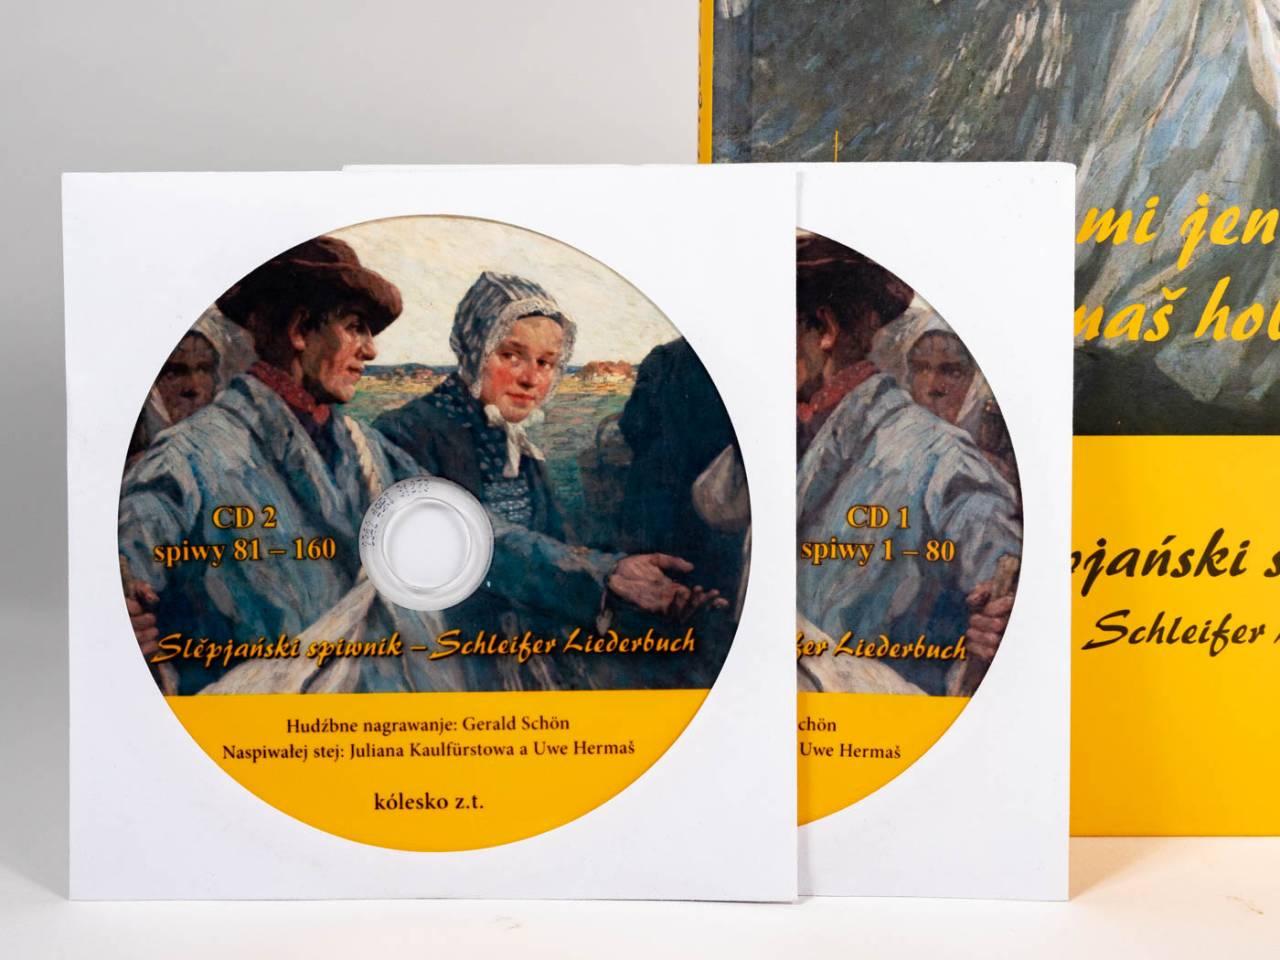 Schleifer Liederbuch - Daj mi jeno jajko, how maš hobej dwě